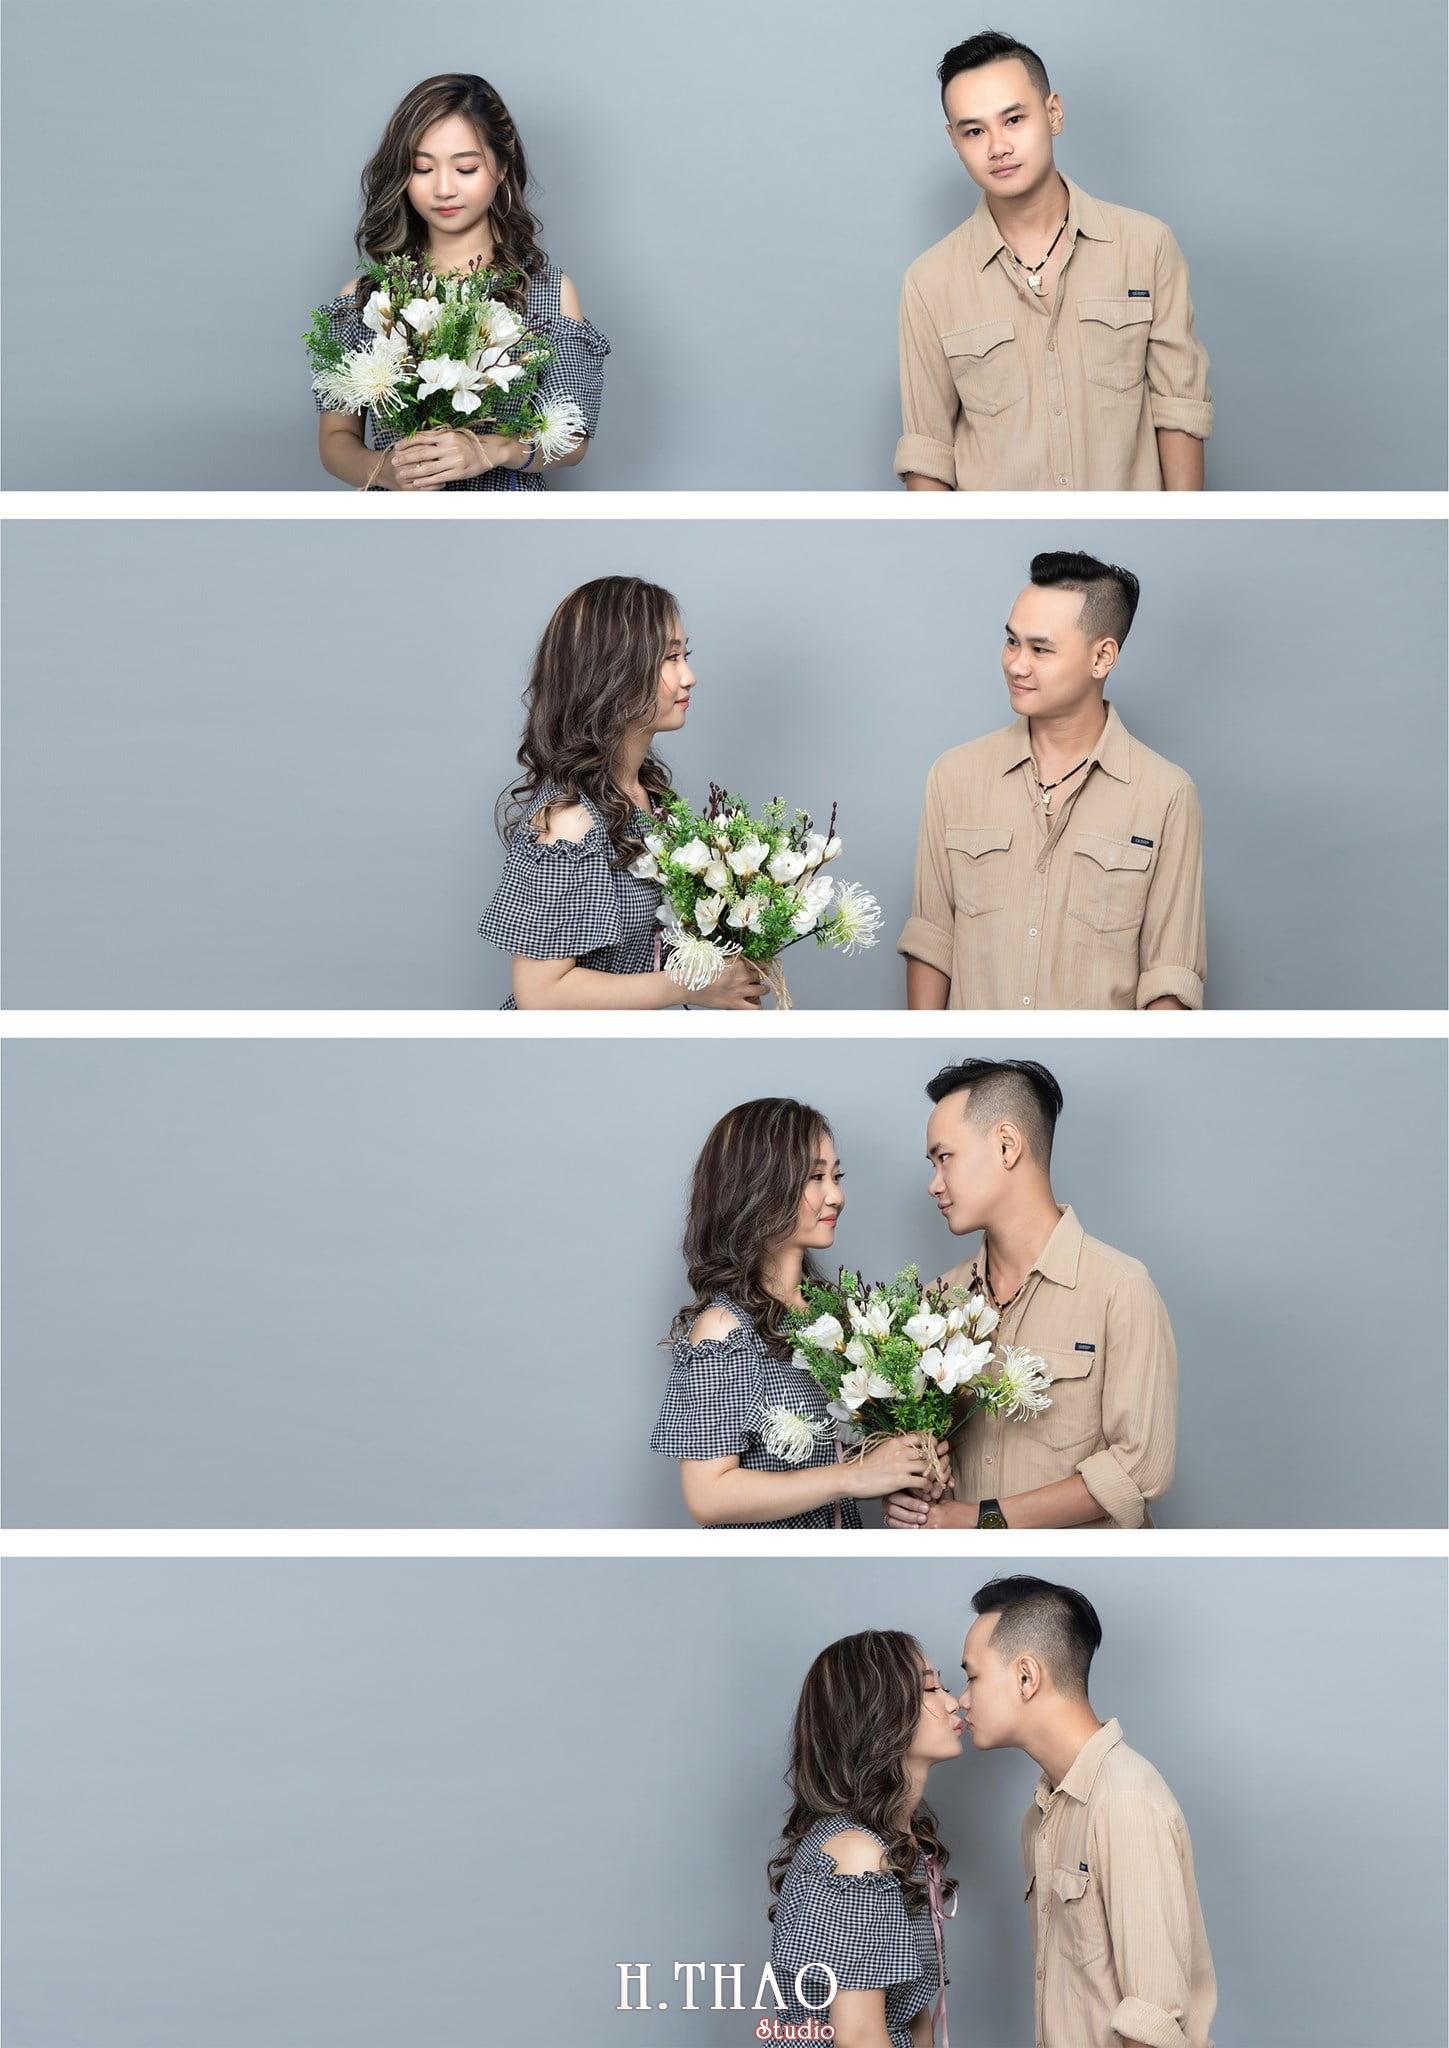 70563556 2310159445770333 8652008276860338176 o - Chụp ảnh couple, kỷ niệm Valentine - Ngày Lễ tình nhân